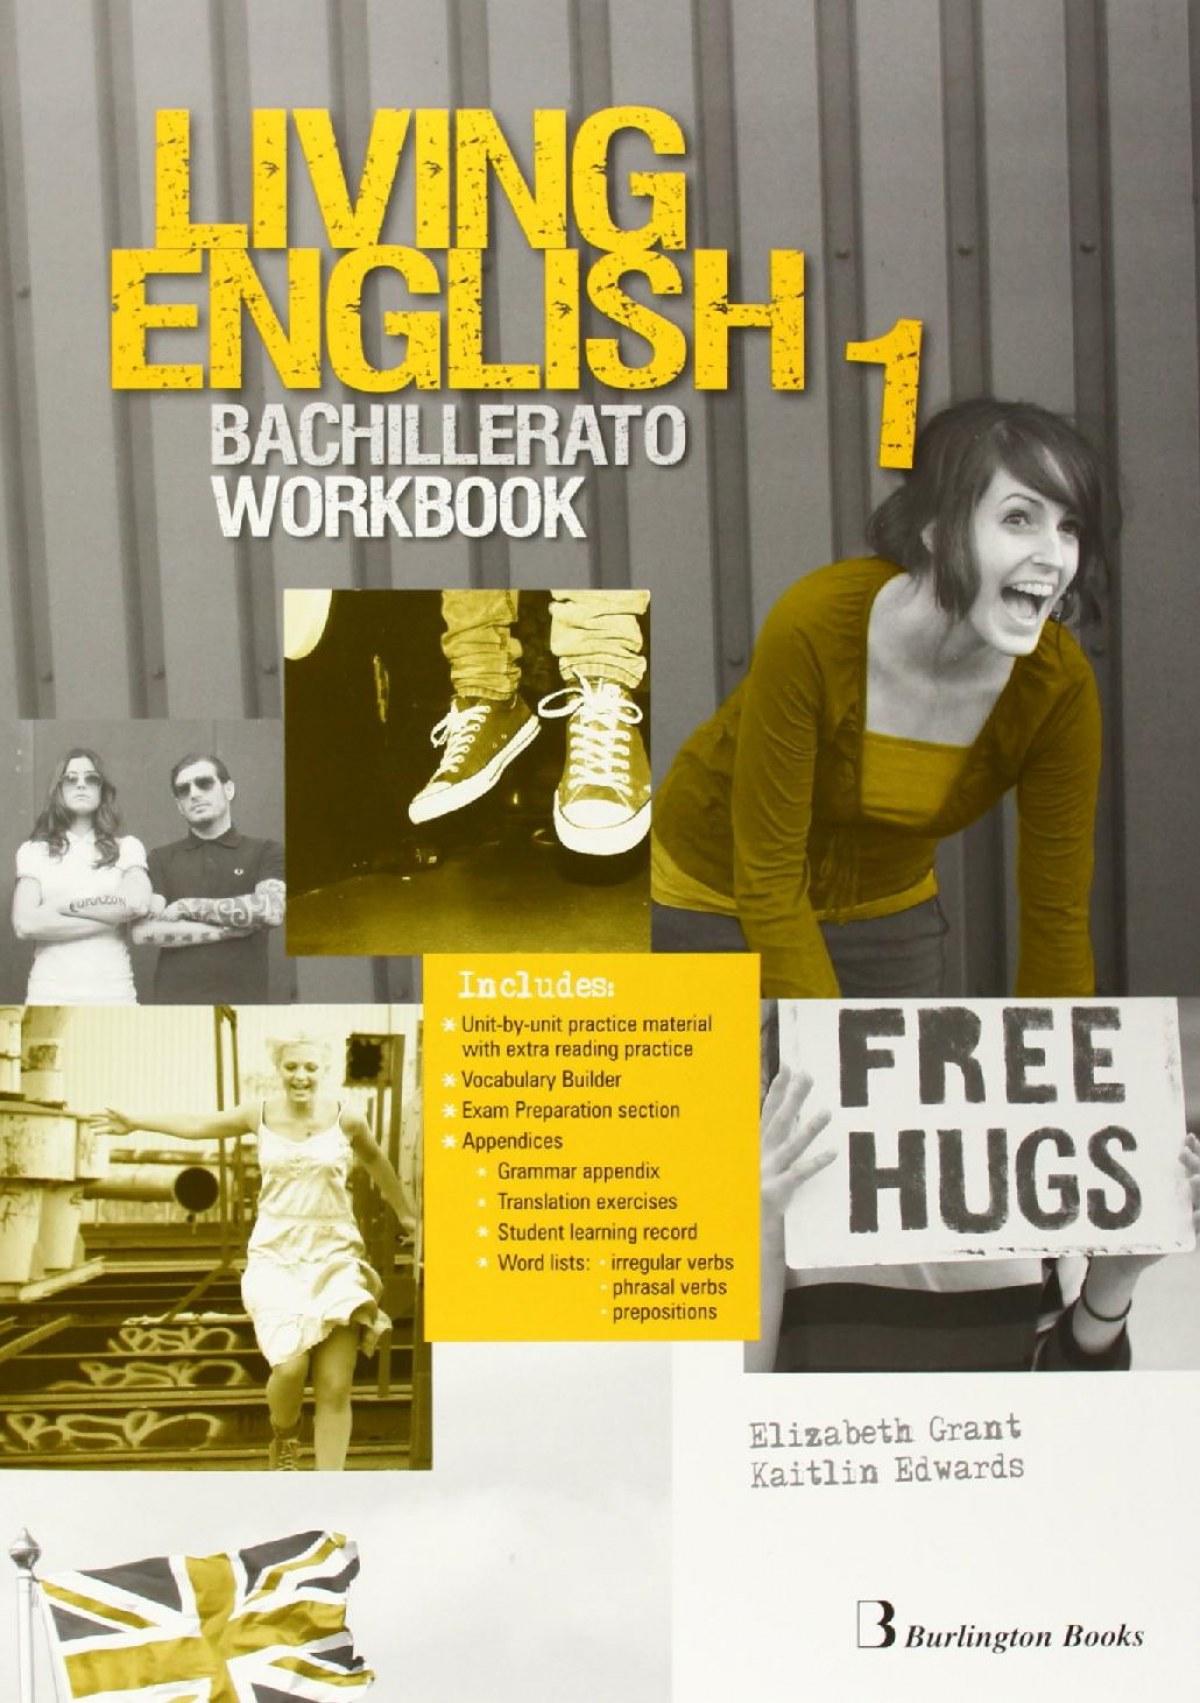 Living english 1o..bach workbook 9789963489886